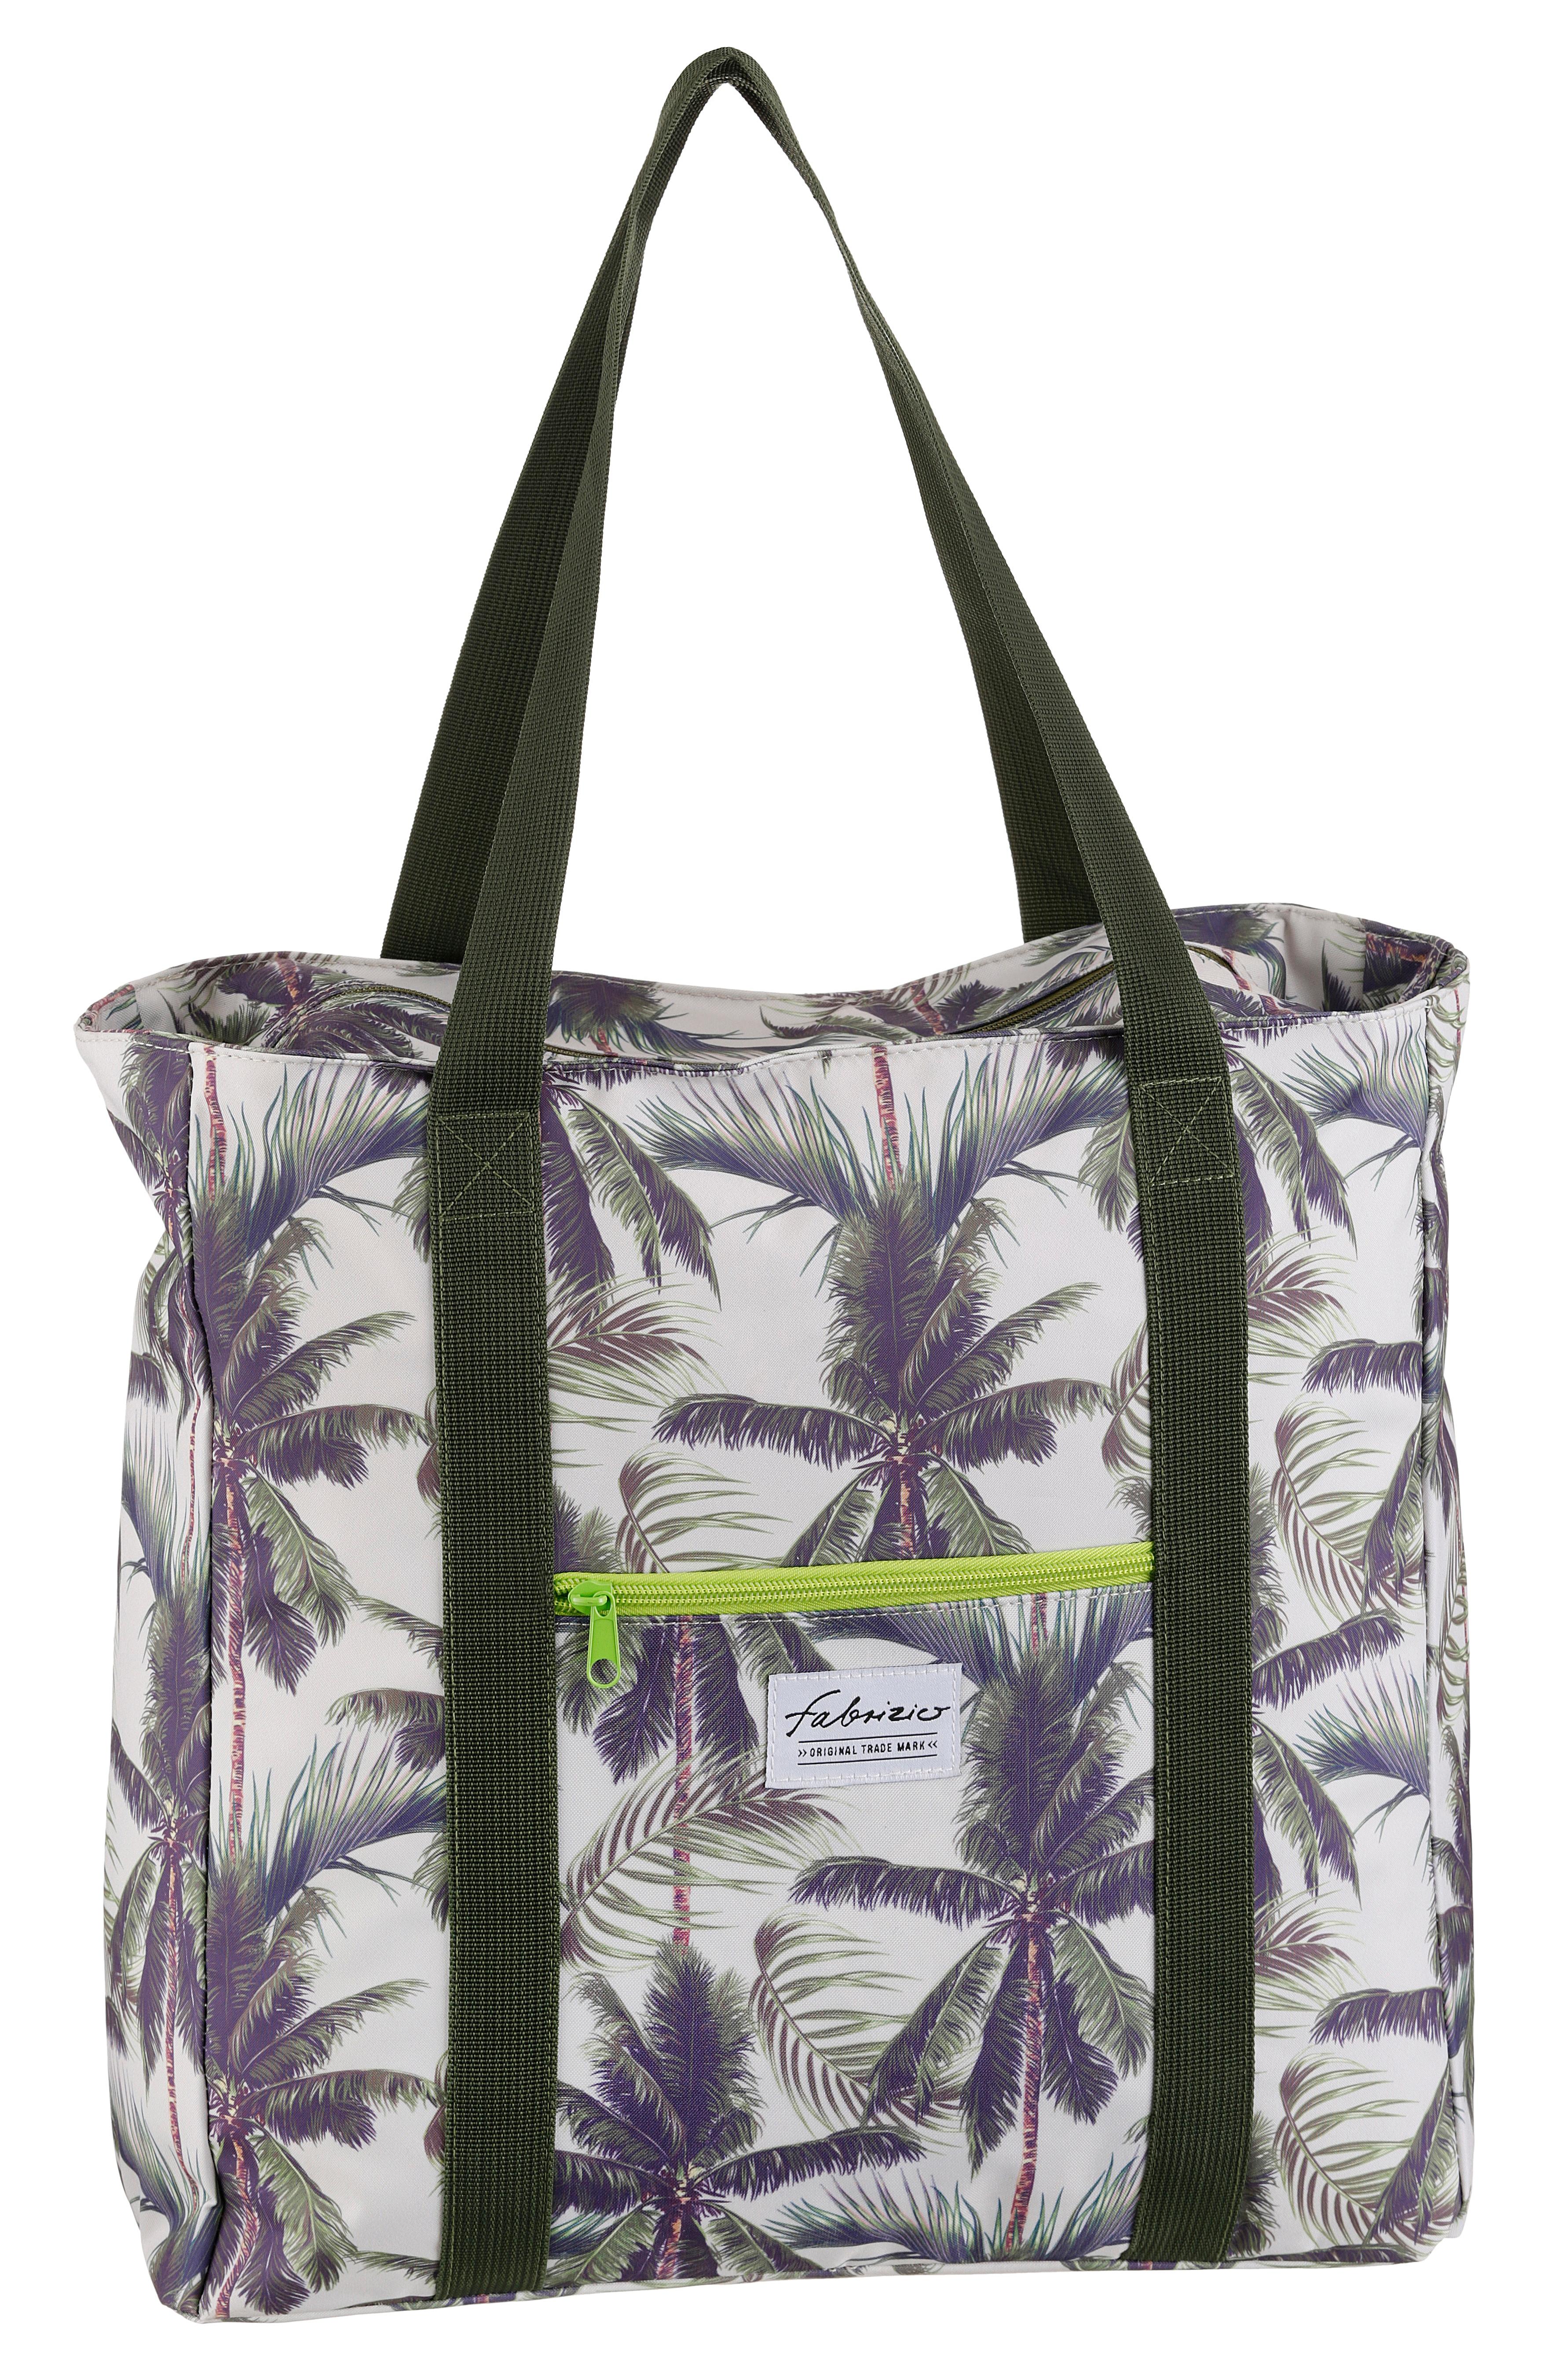 fabrizio -  Strandtasche, auch als Shopper einsetzbar